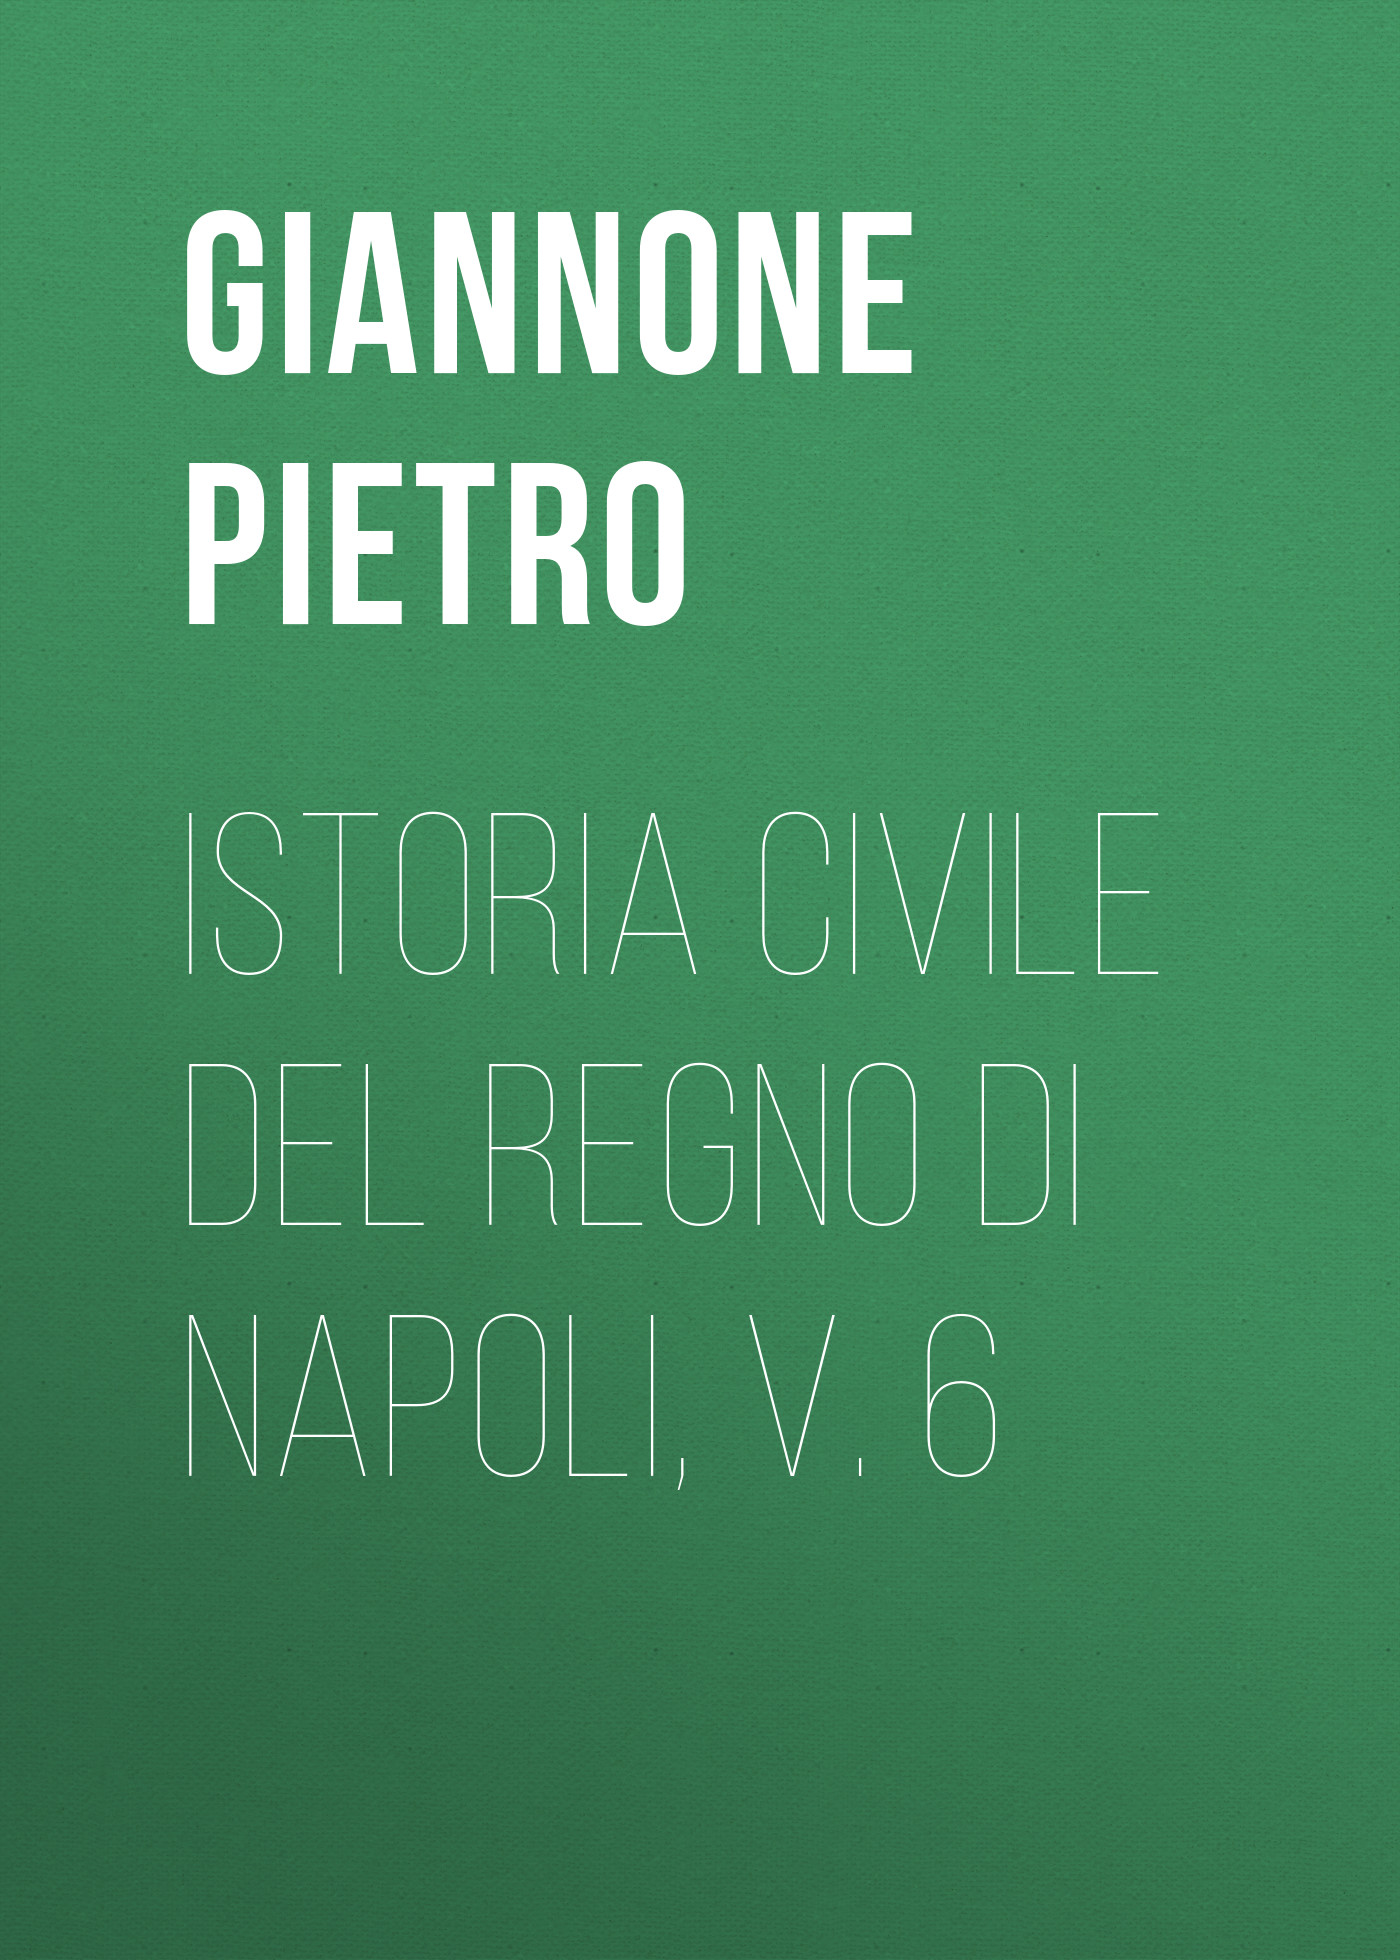 Giannone Pietro Istoria civile del Regno di Napoli, v. 6 angelo di costanza istoria del regno di napoli vol 1 classic reprint